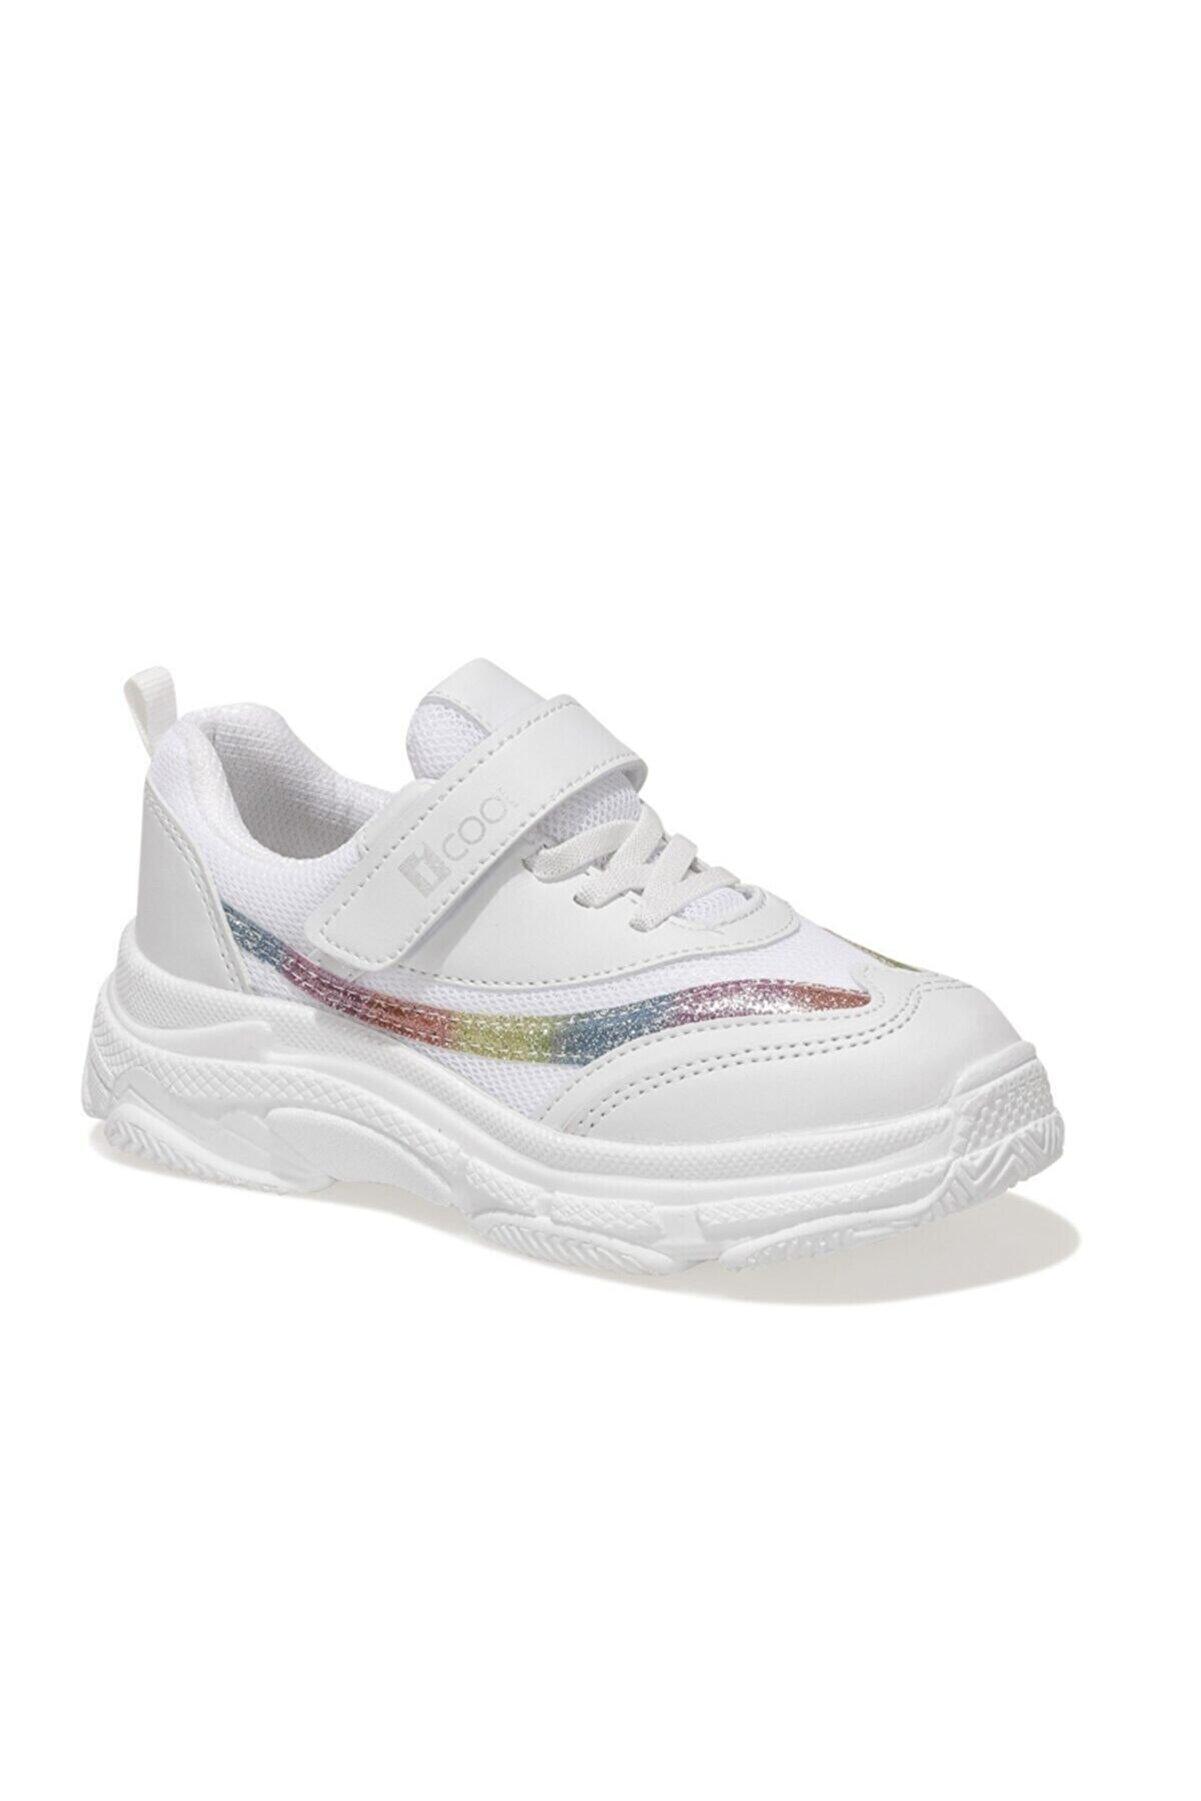 Icool CHUNKY F 1FX Beyaz Kız Çocuk Yürüyüş Ayakkabısı 101015557